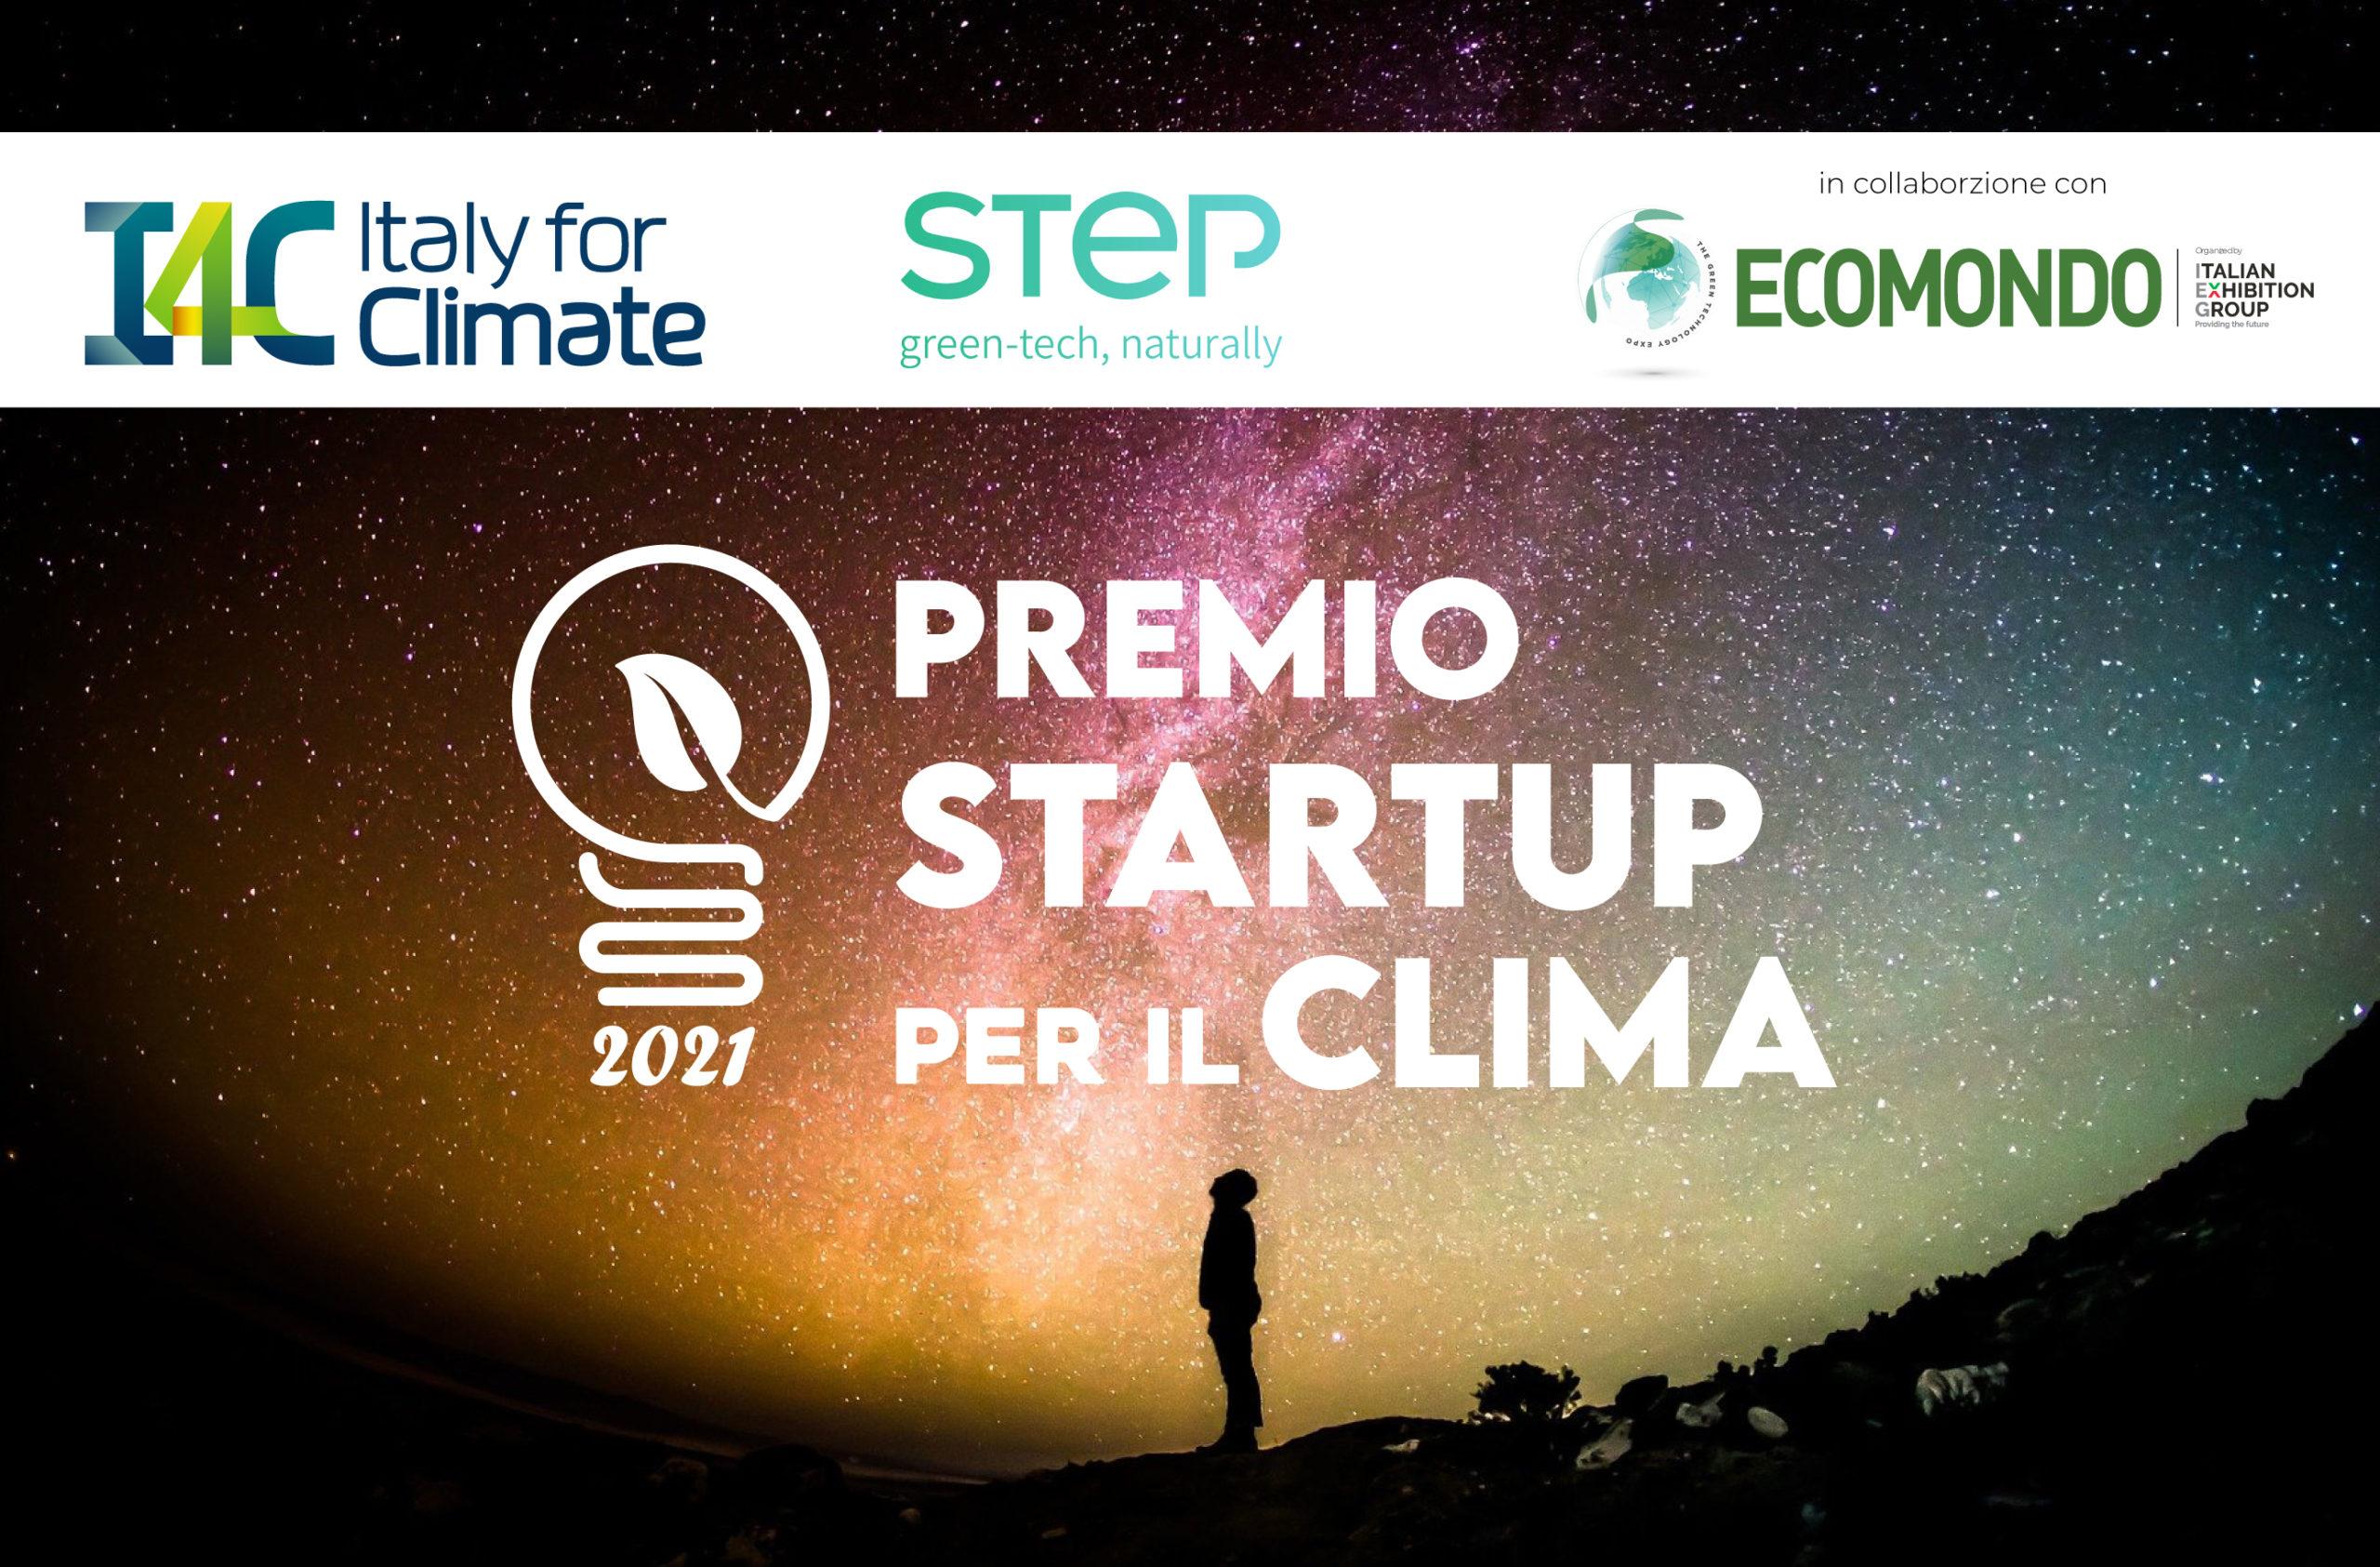 premio-startup-clima.jpg